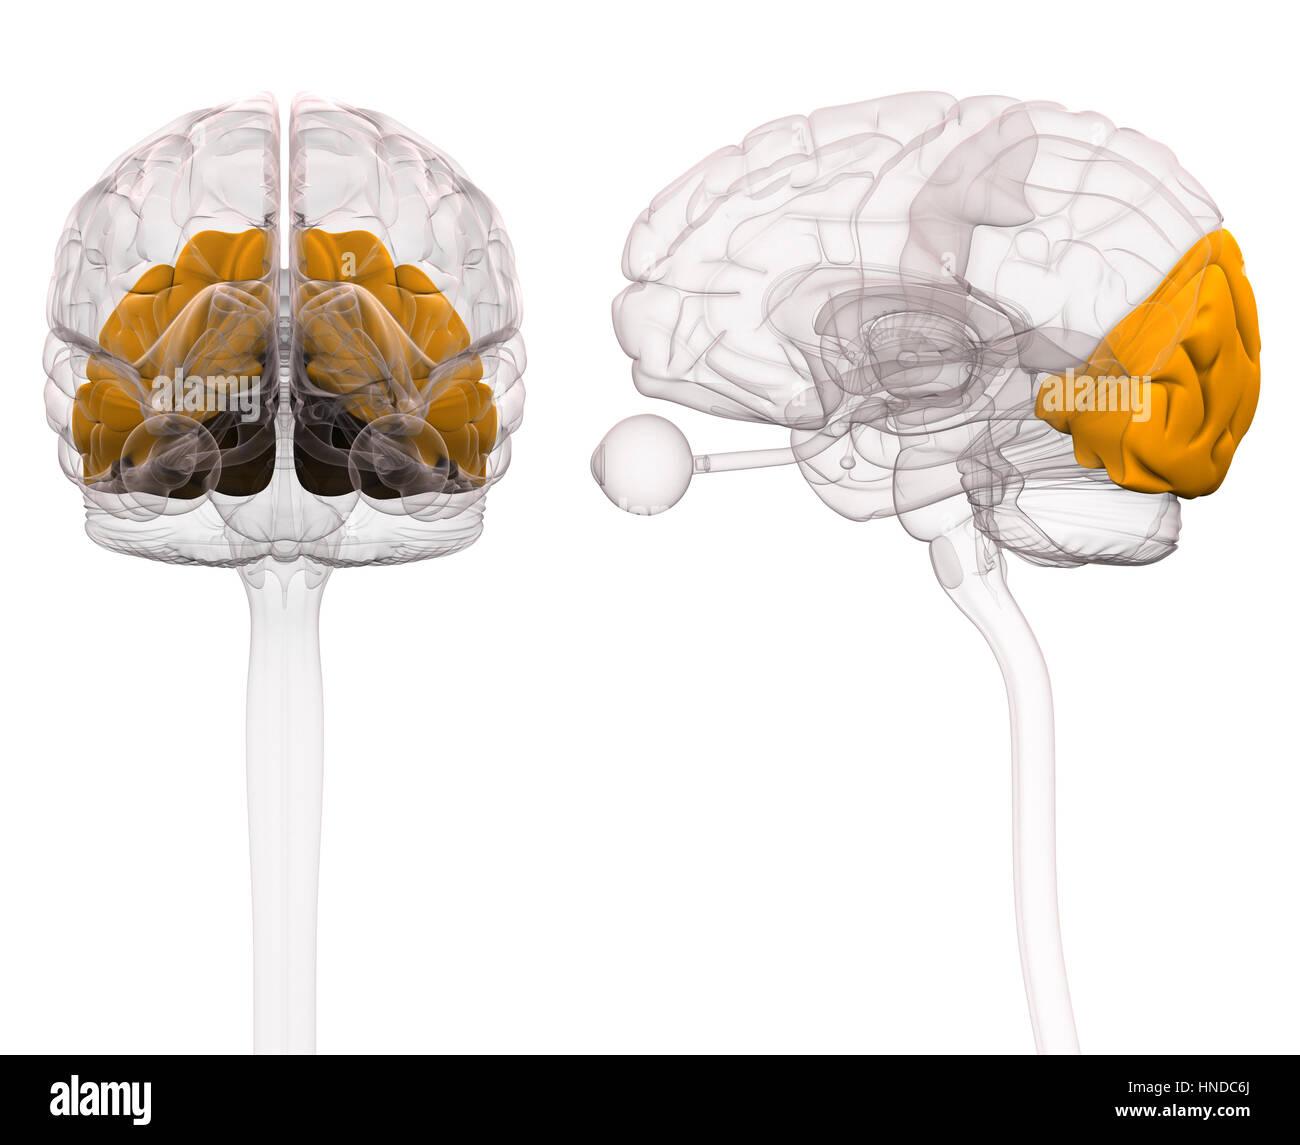 Amygdala Brain Stockfotos & Amygdala Brain Bilder - Alamy